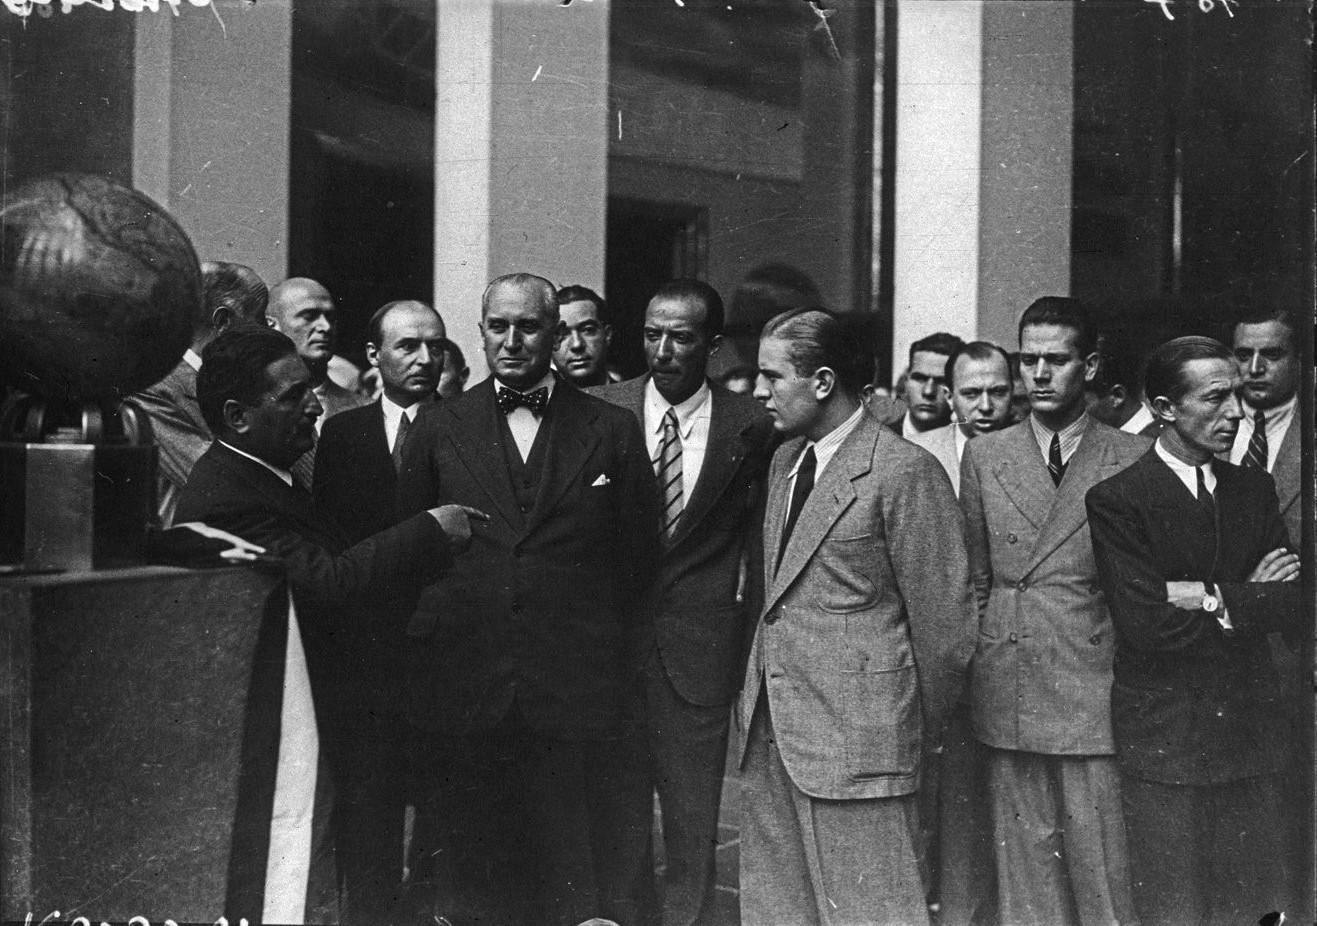 Павильон аэронавтики.  Г-н Поль Бастид (слева) беседует с итальянским летчиком Бруно Муссолини, сыном дуче (центр)